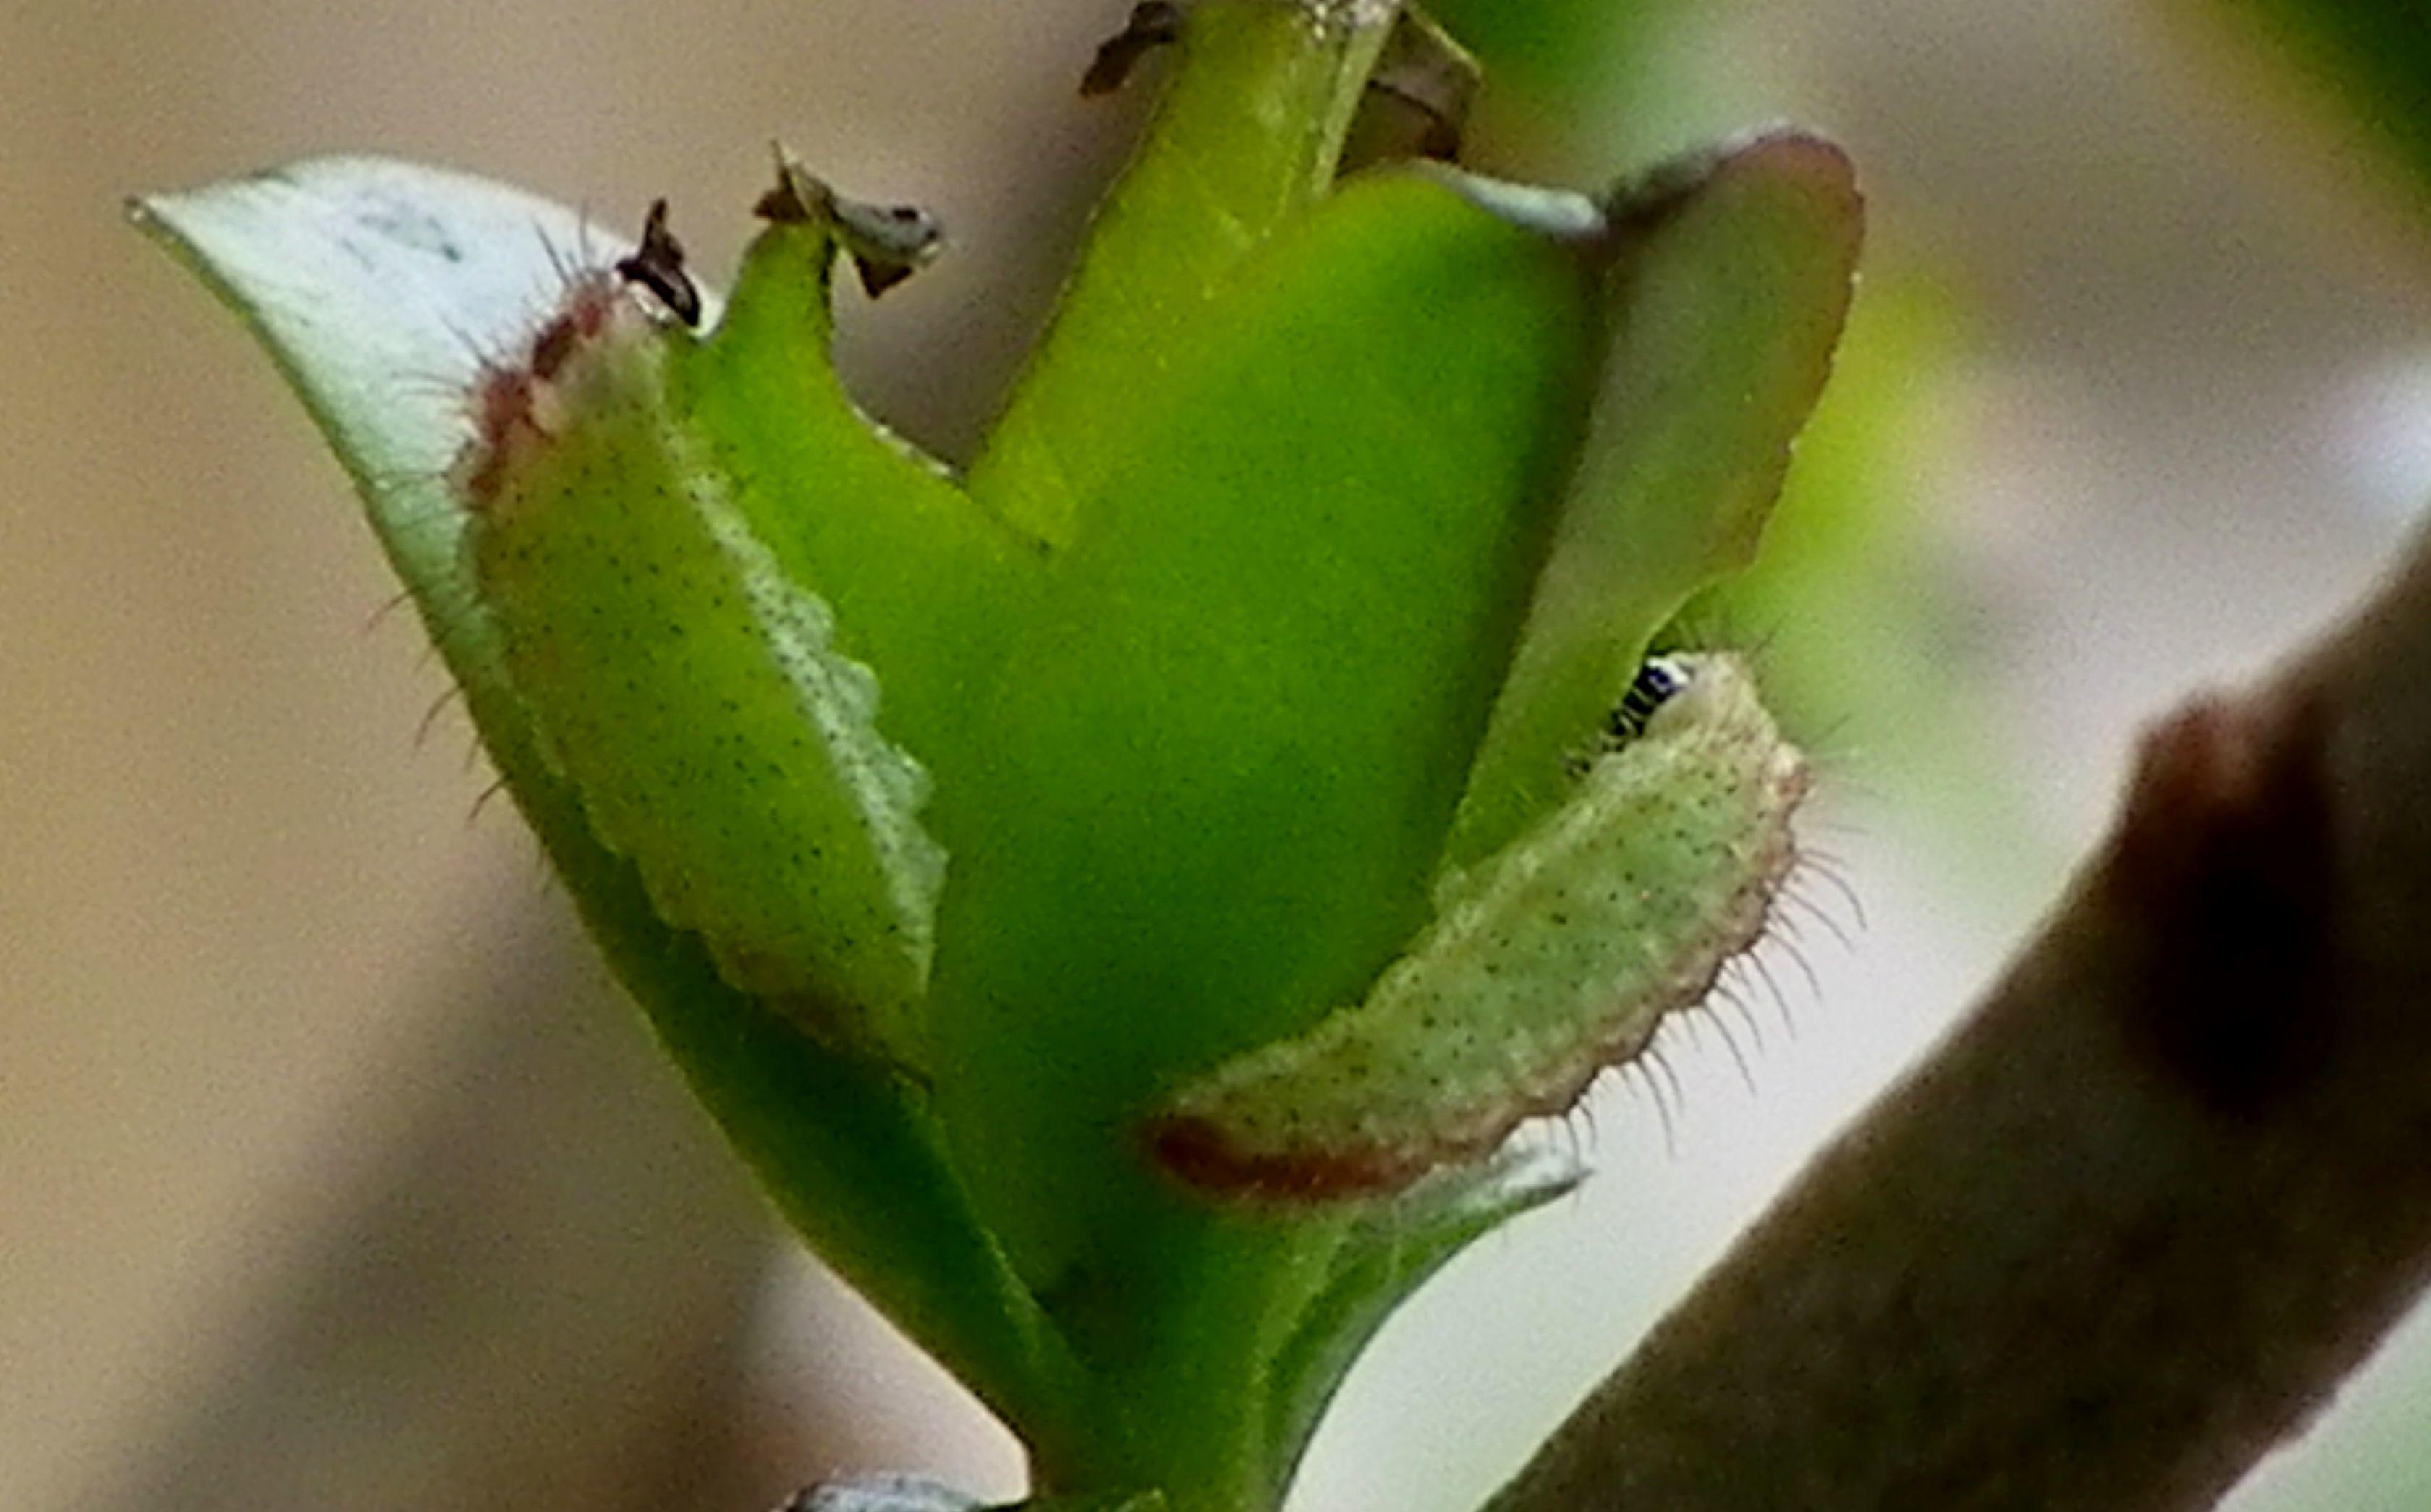 ウラゴマダラシジミ幼虫 3月26日_d0254540_16001854.jpg